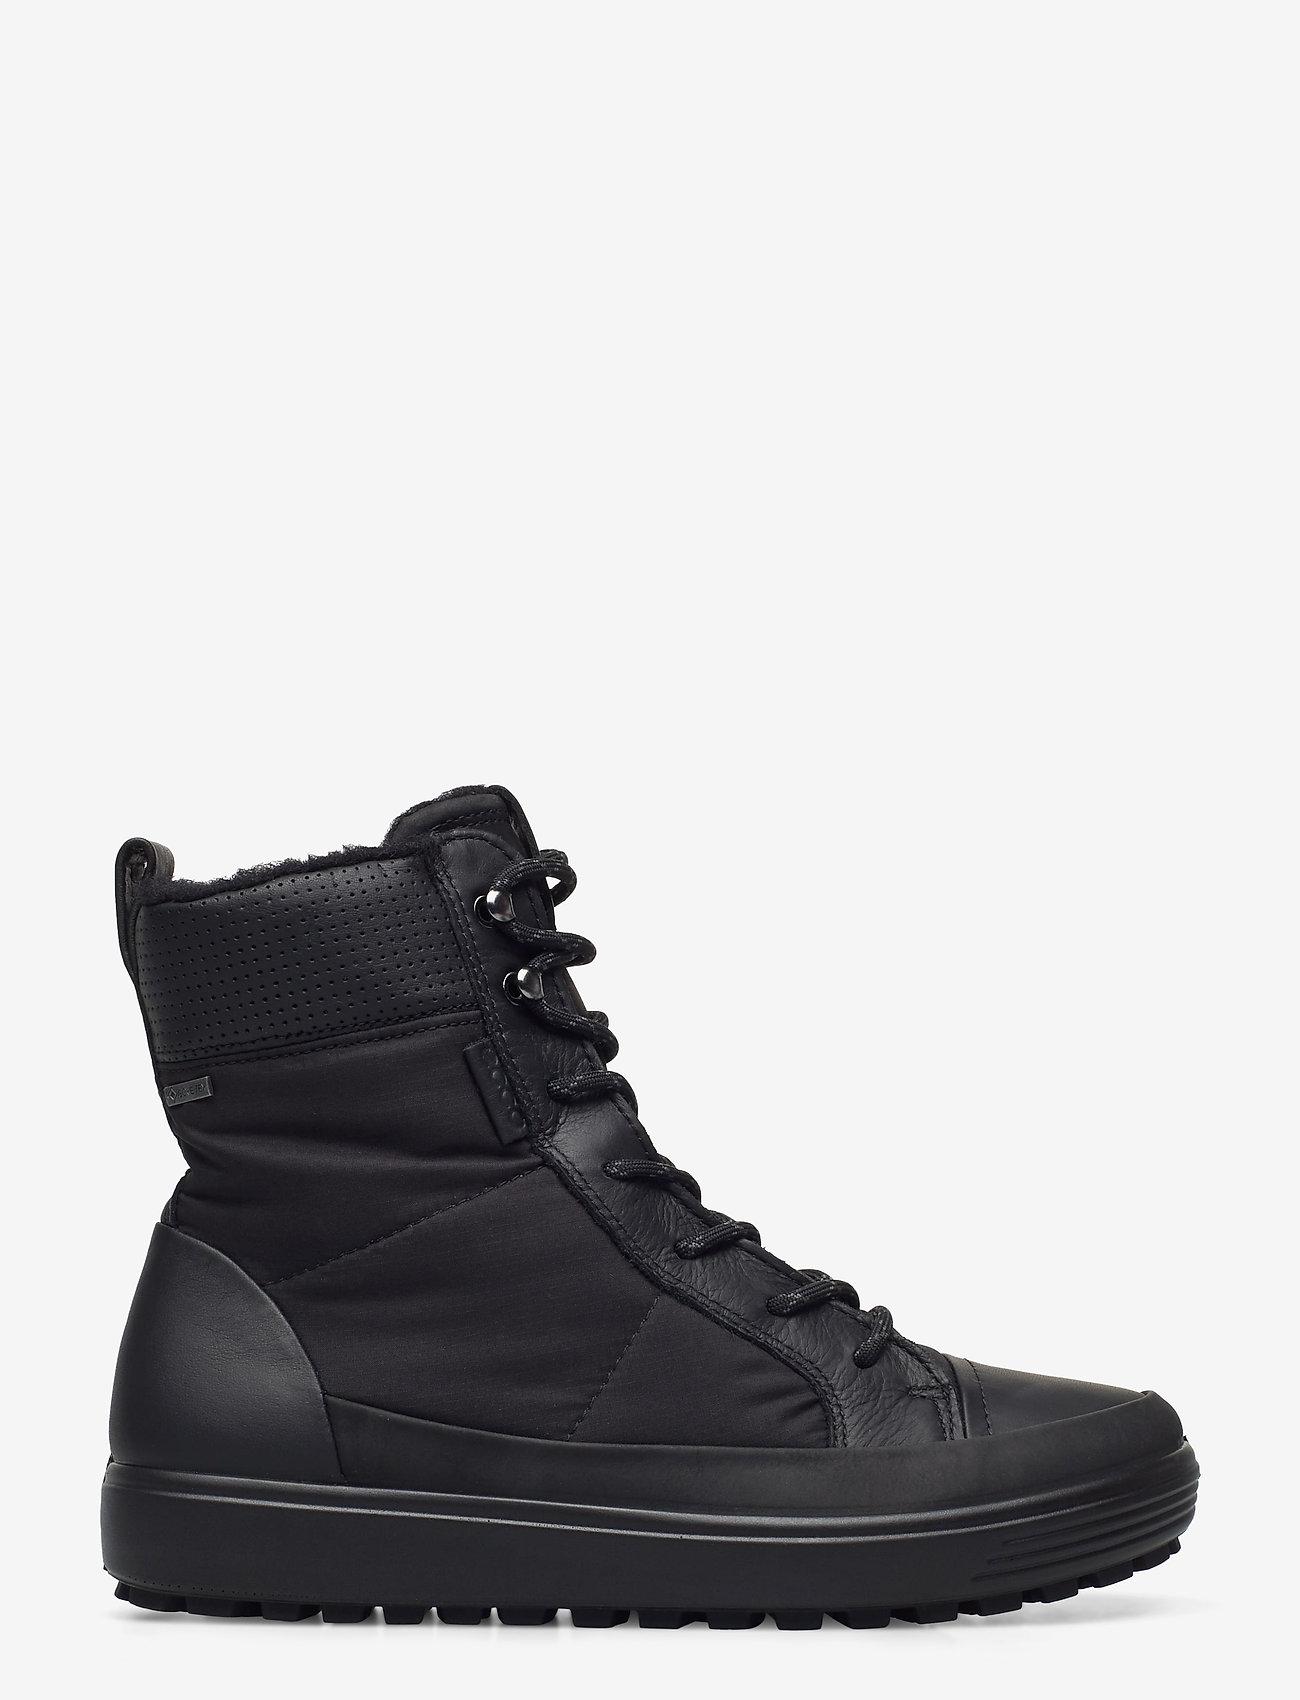 ECCO - SOFT 7 TRED W - flade ankelstøvler - black/black/black - 1